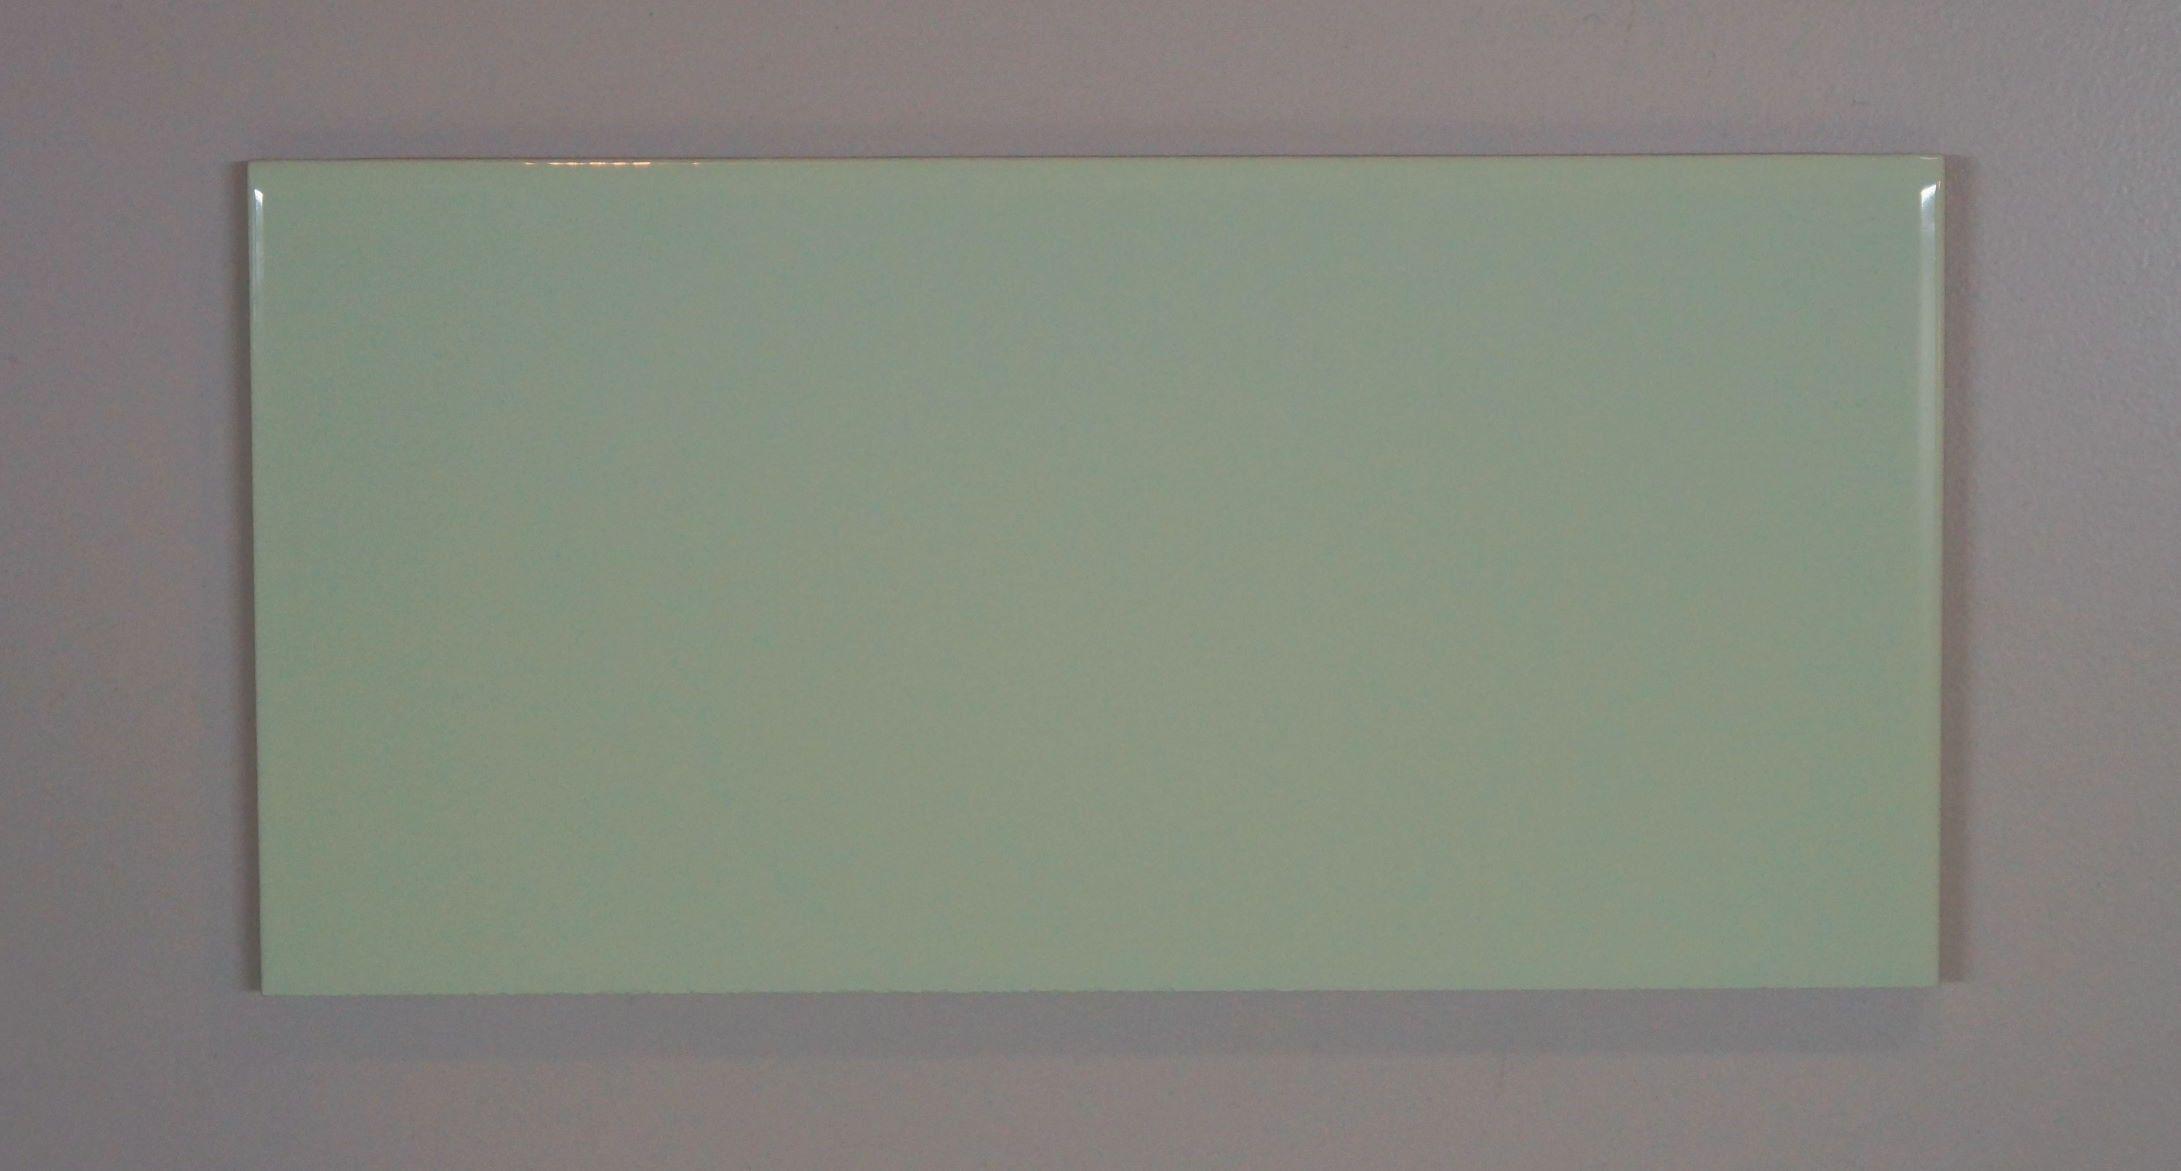 Metrofliese-grün glatt 10x20 | Badideen | Pinterest